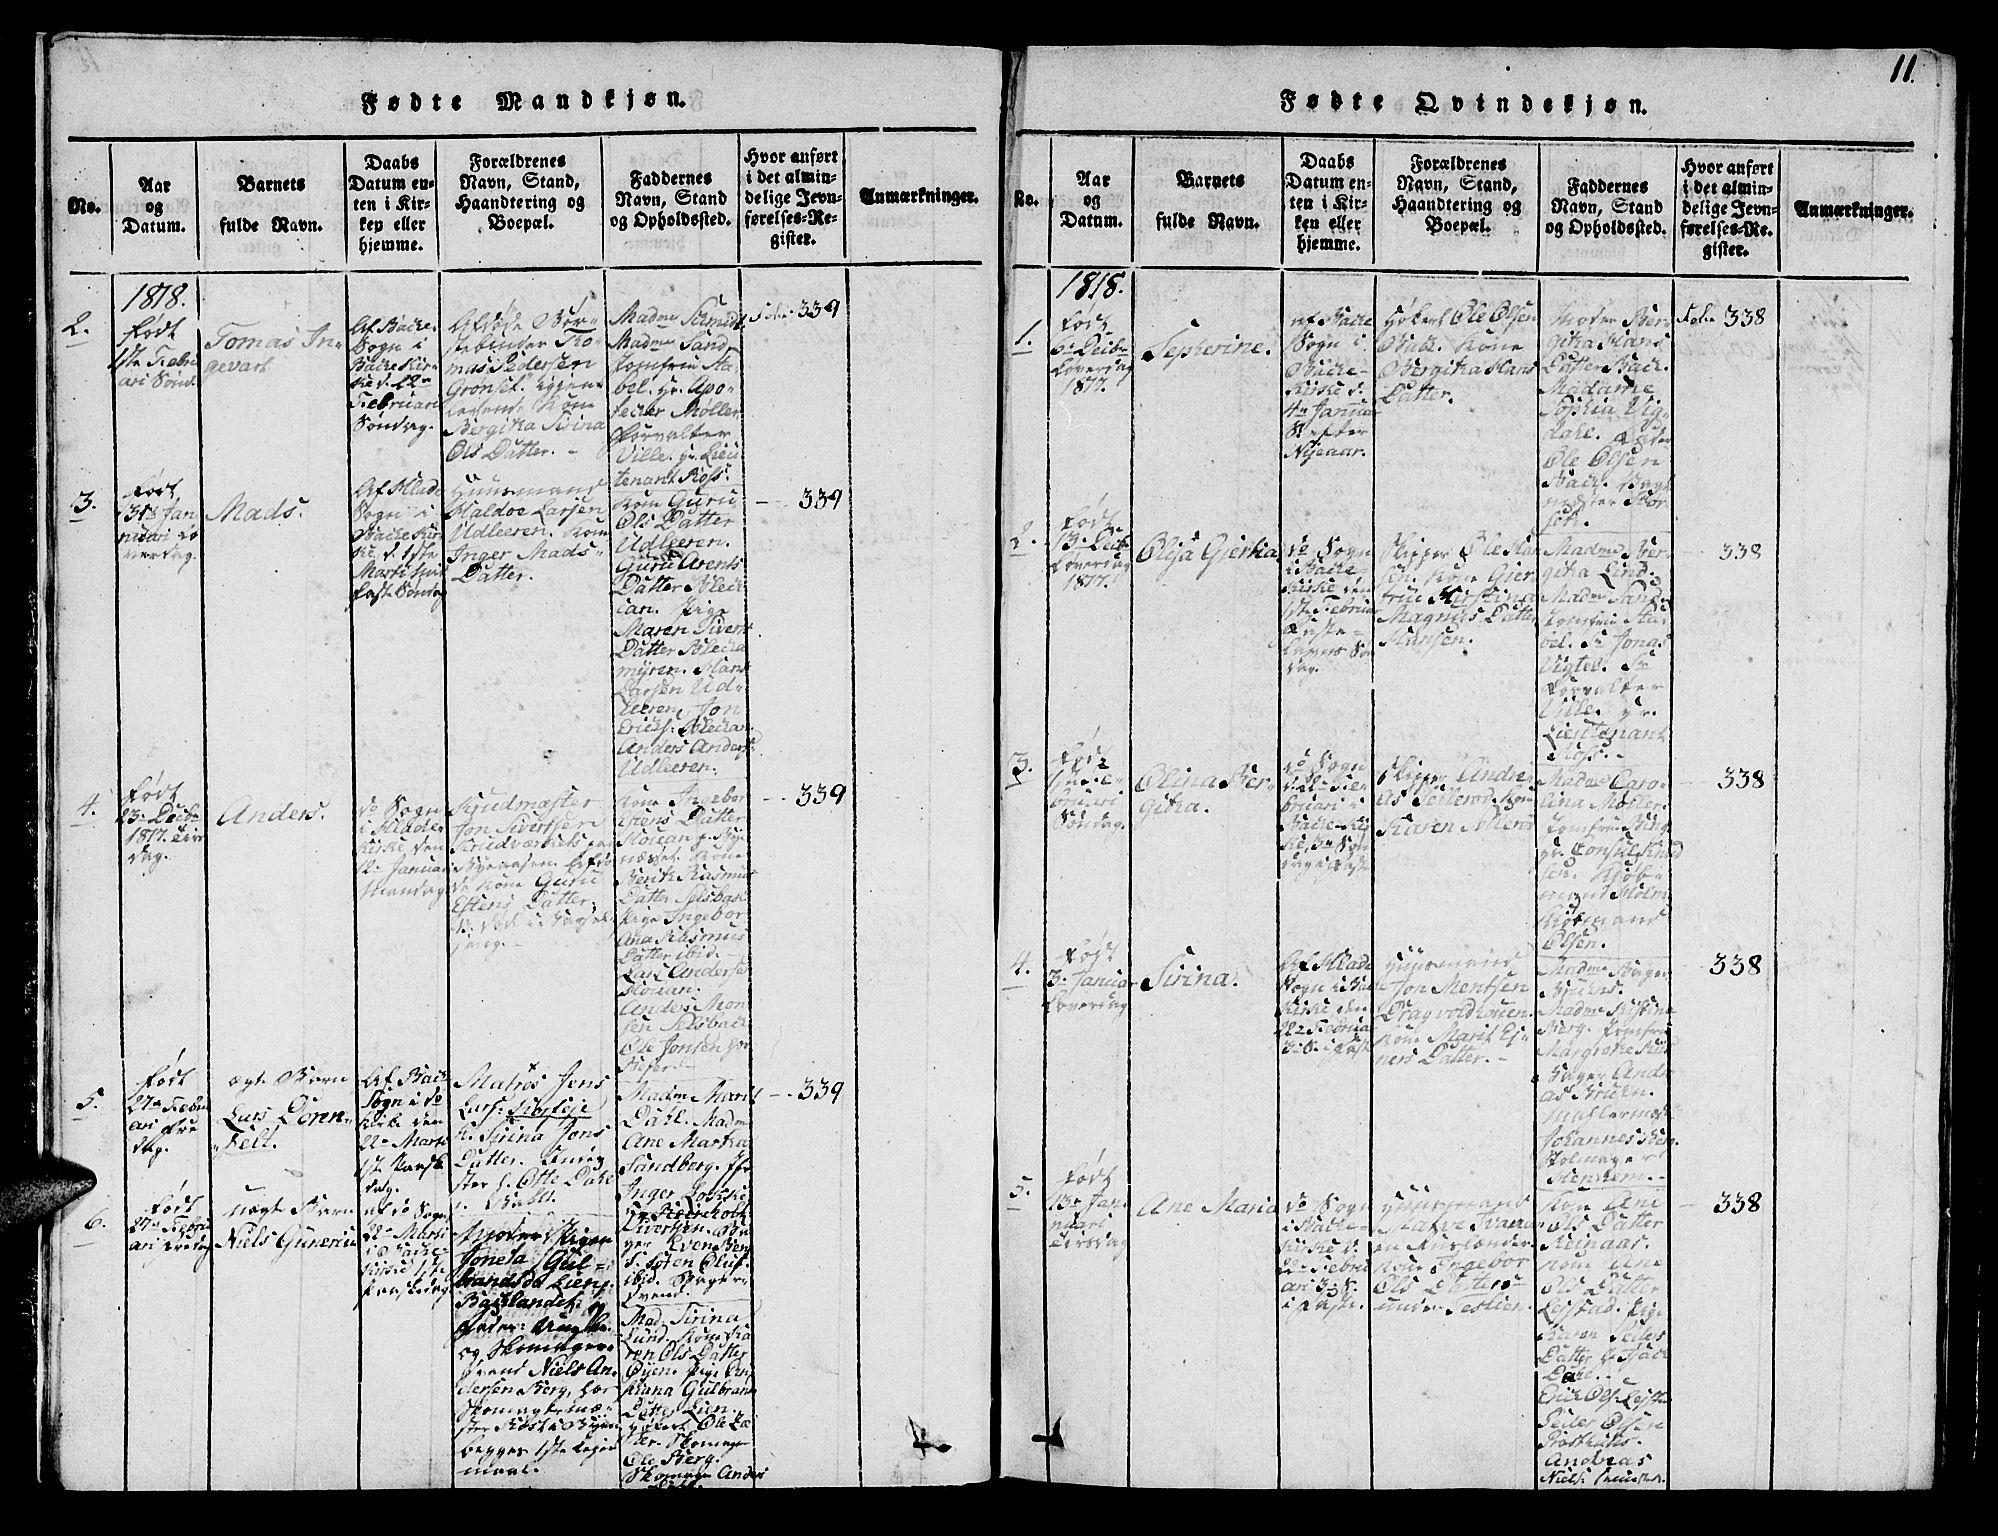 SAT, Ministerialprotokoller, klokkerbøker og fødselsregistre - Sør-Trøndelag, 606/L0307: Klokkerbok nr. 606C03, 1817-1824, s. 11